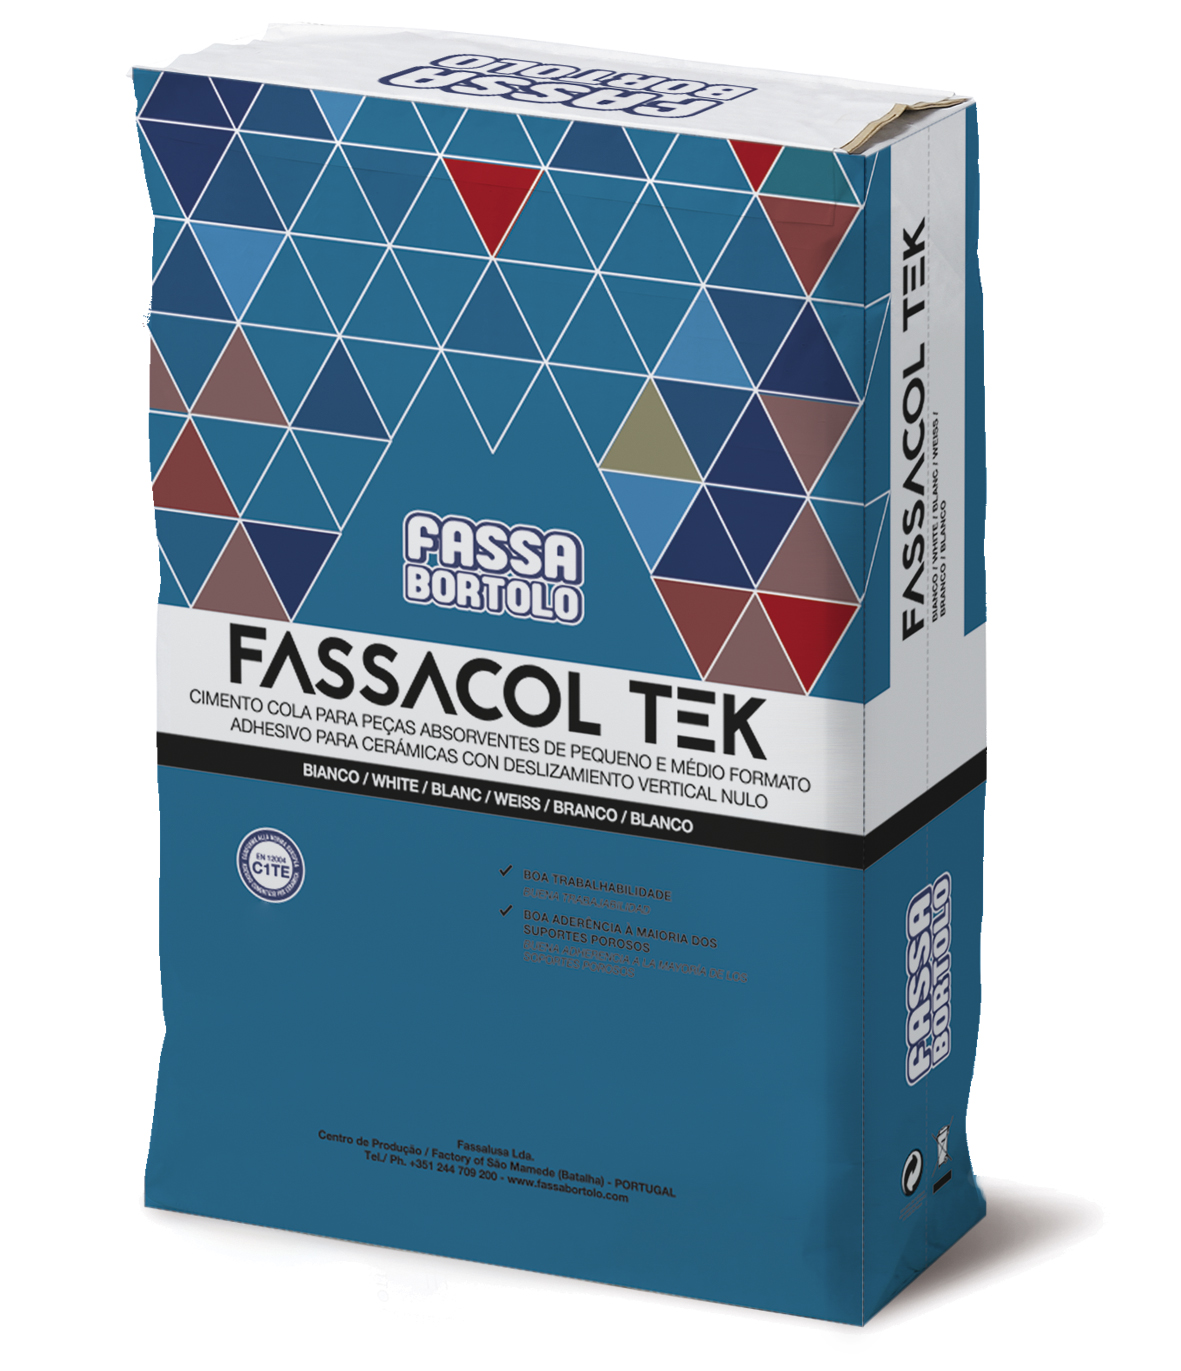 FASSACOL TEK: Cimento cola branco e cinza para colar cerâmica absorvente e grés porcelânico sobre rebocos ou betonilhas no interior ou exterior